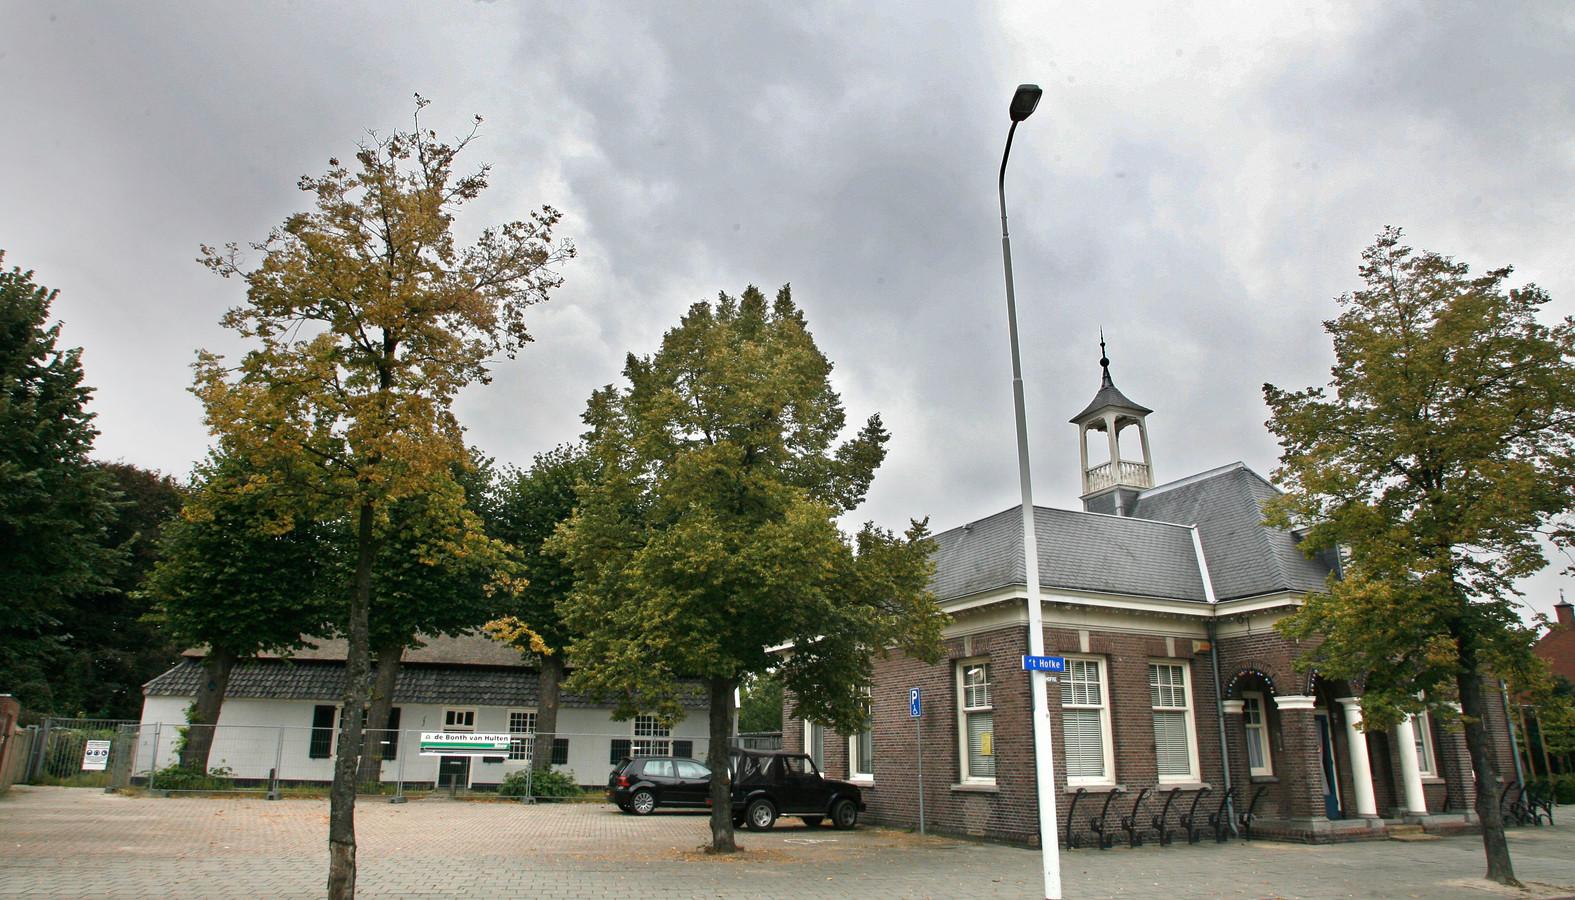 De boerderij (links) en 't Oude Raadhuis in Tongelre.